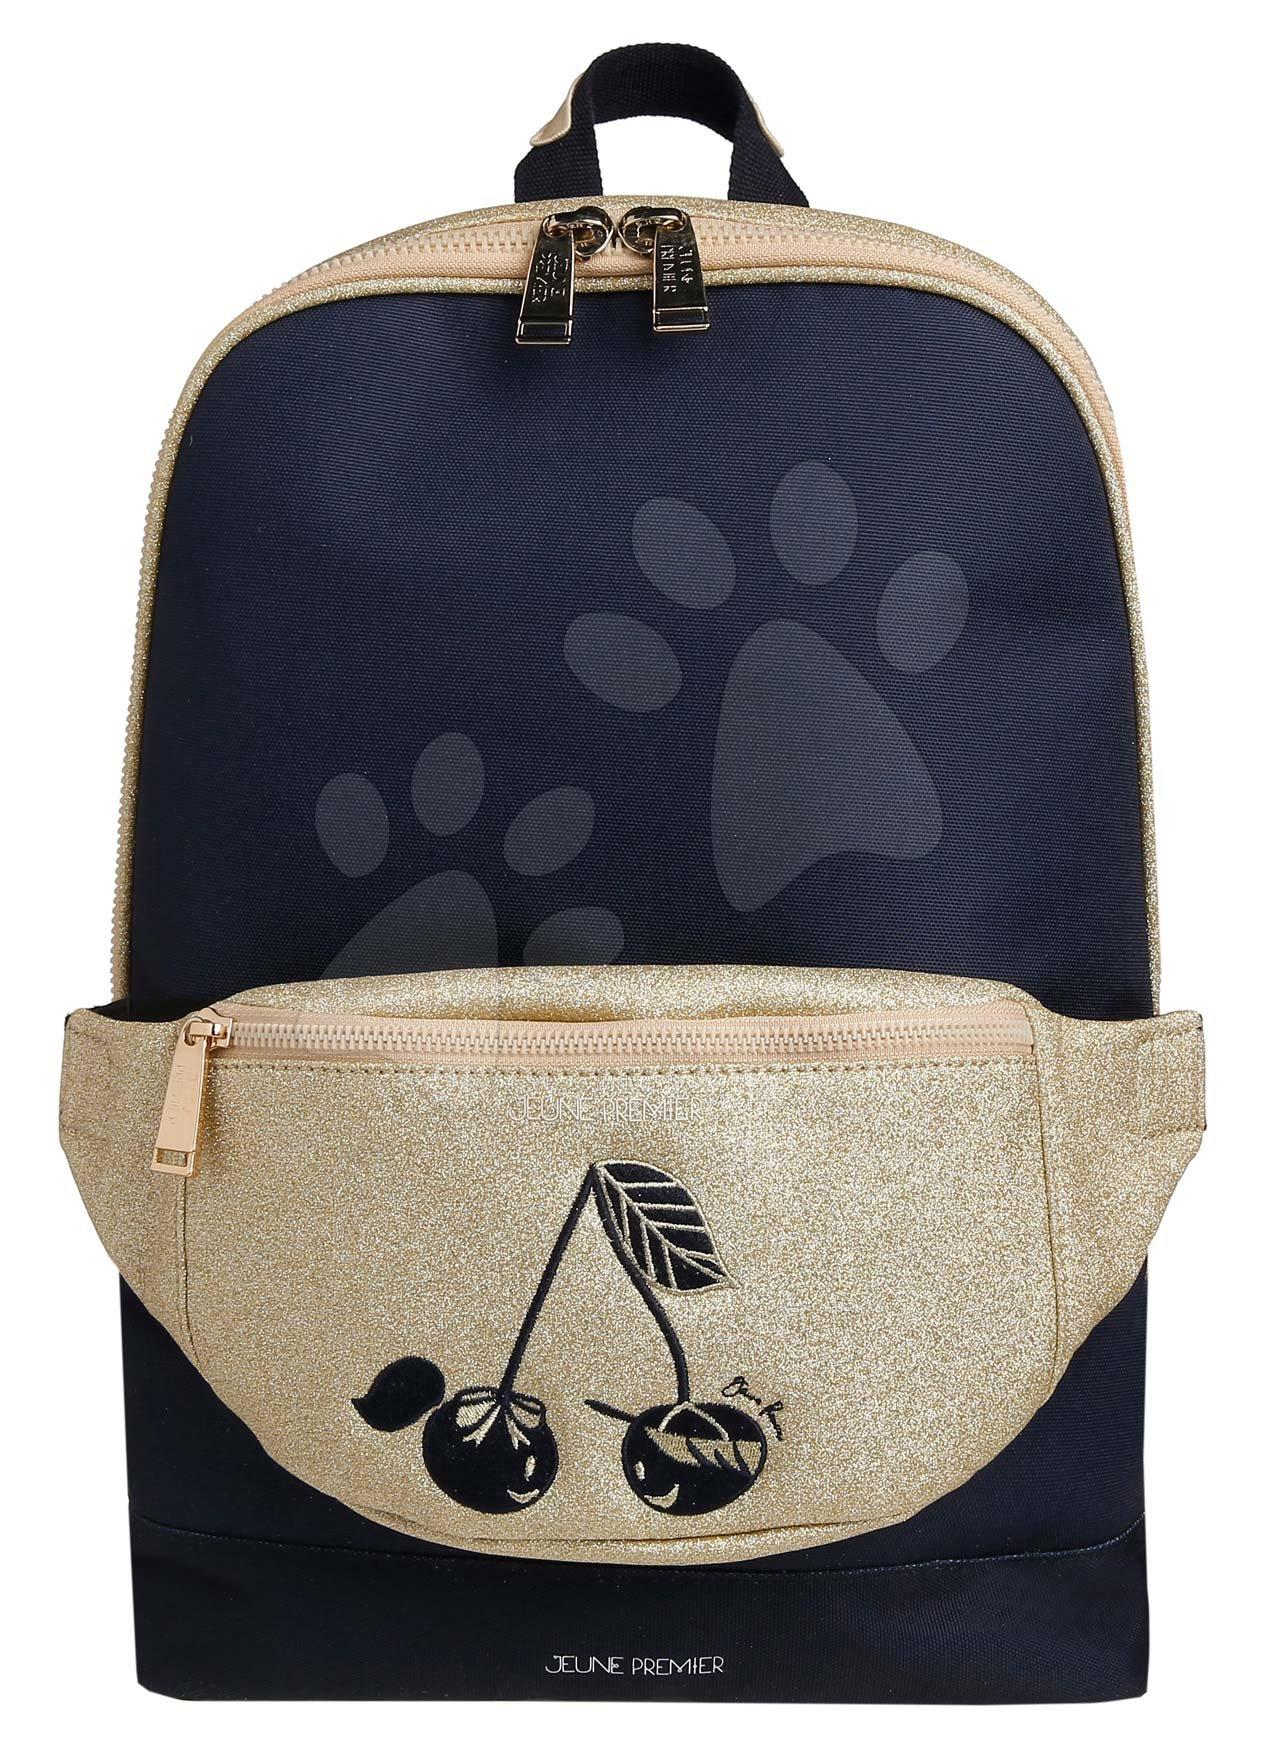 Školske torbe i ruksaci - Školská taška batoh Backpack Jackie Icons Jeune Premier ergonomický luxusné prevedenie 39*27 cm JPBF021167